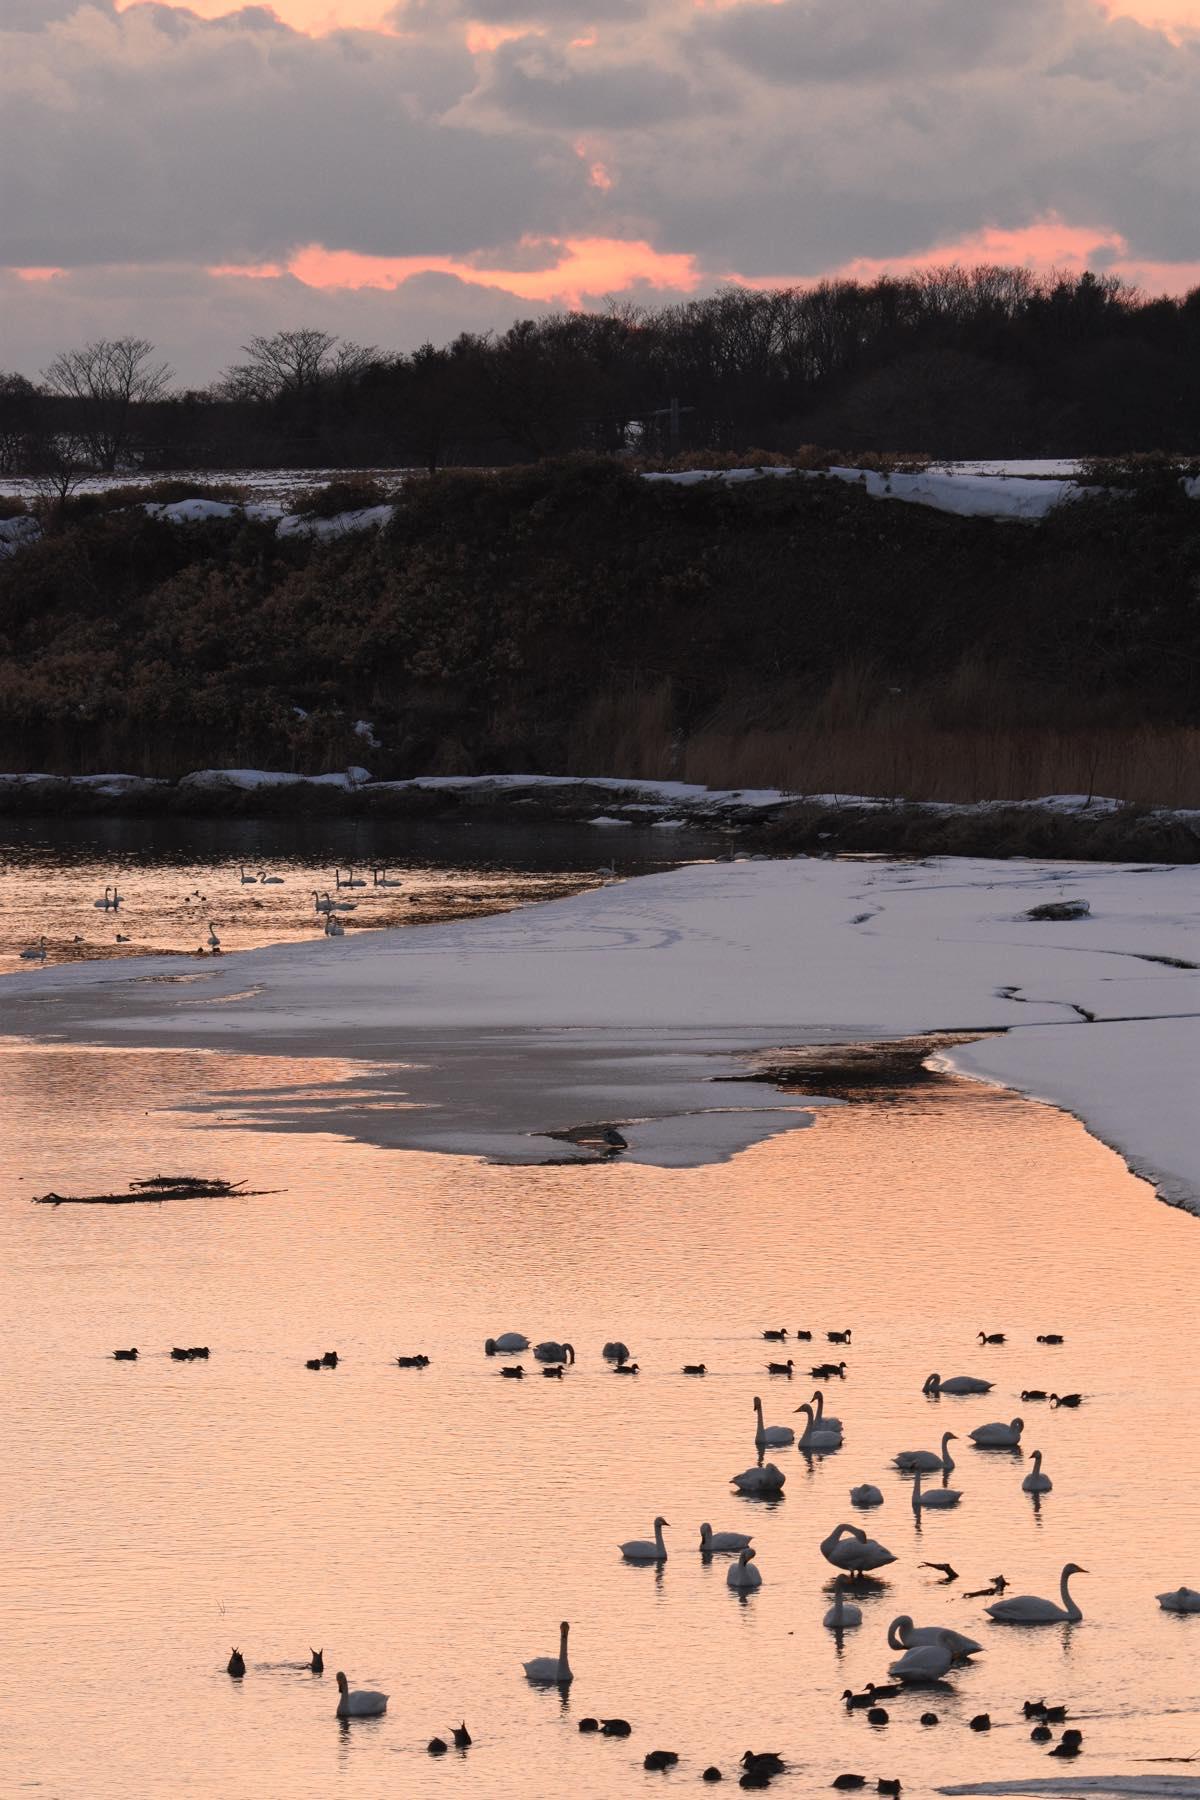 古丹別川の夕景と羽を休める白鳥の群れ。苫前町香川